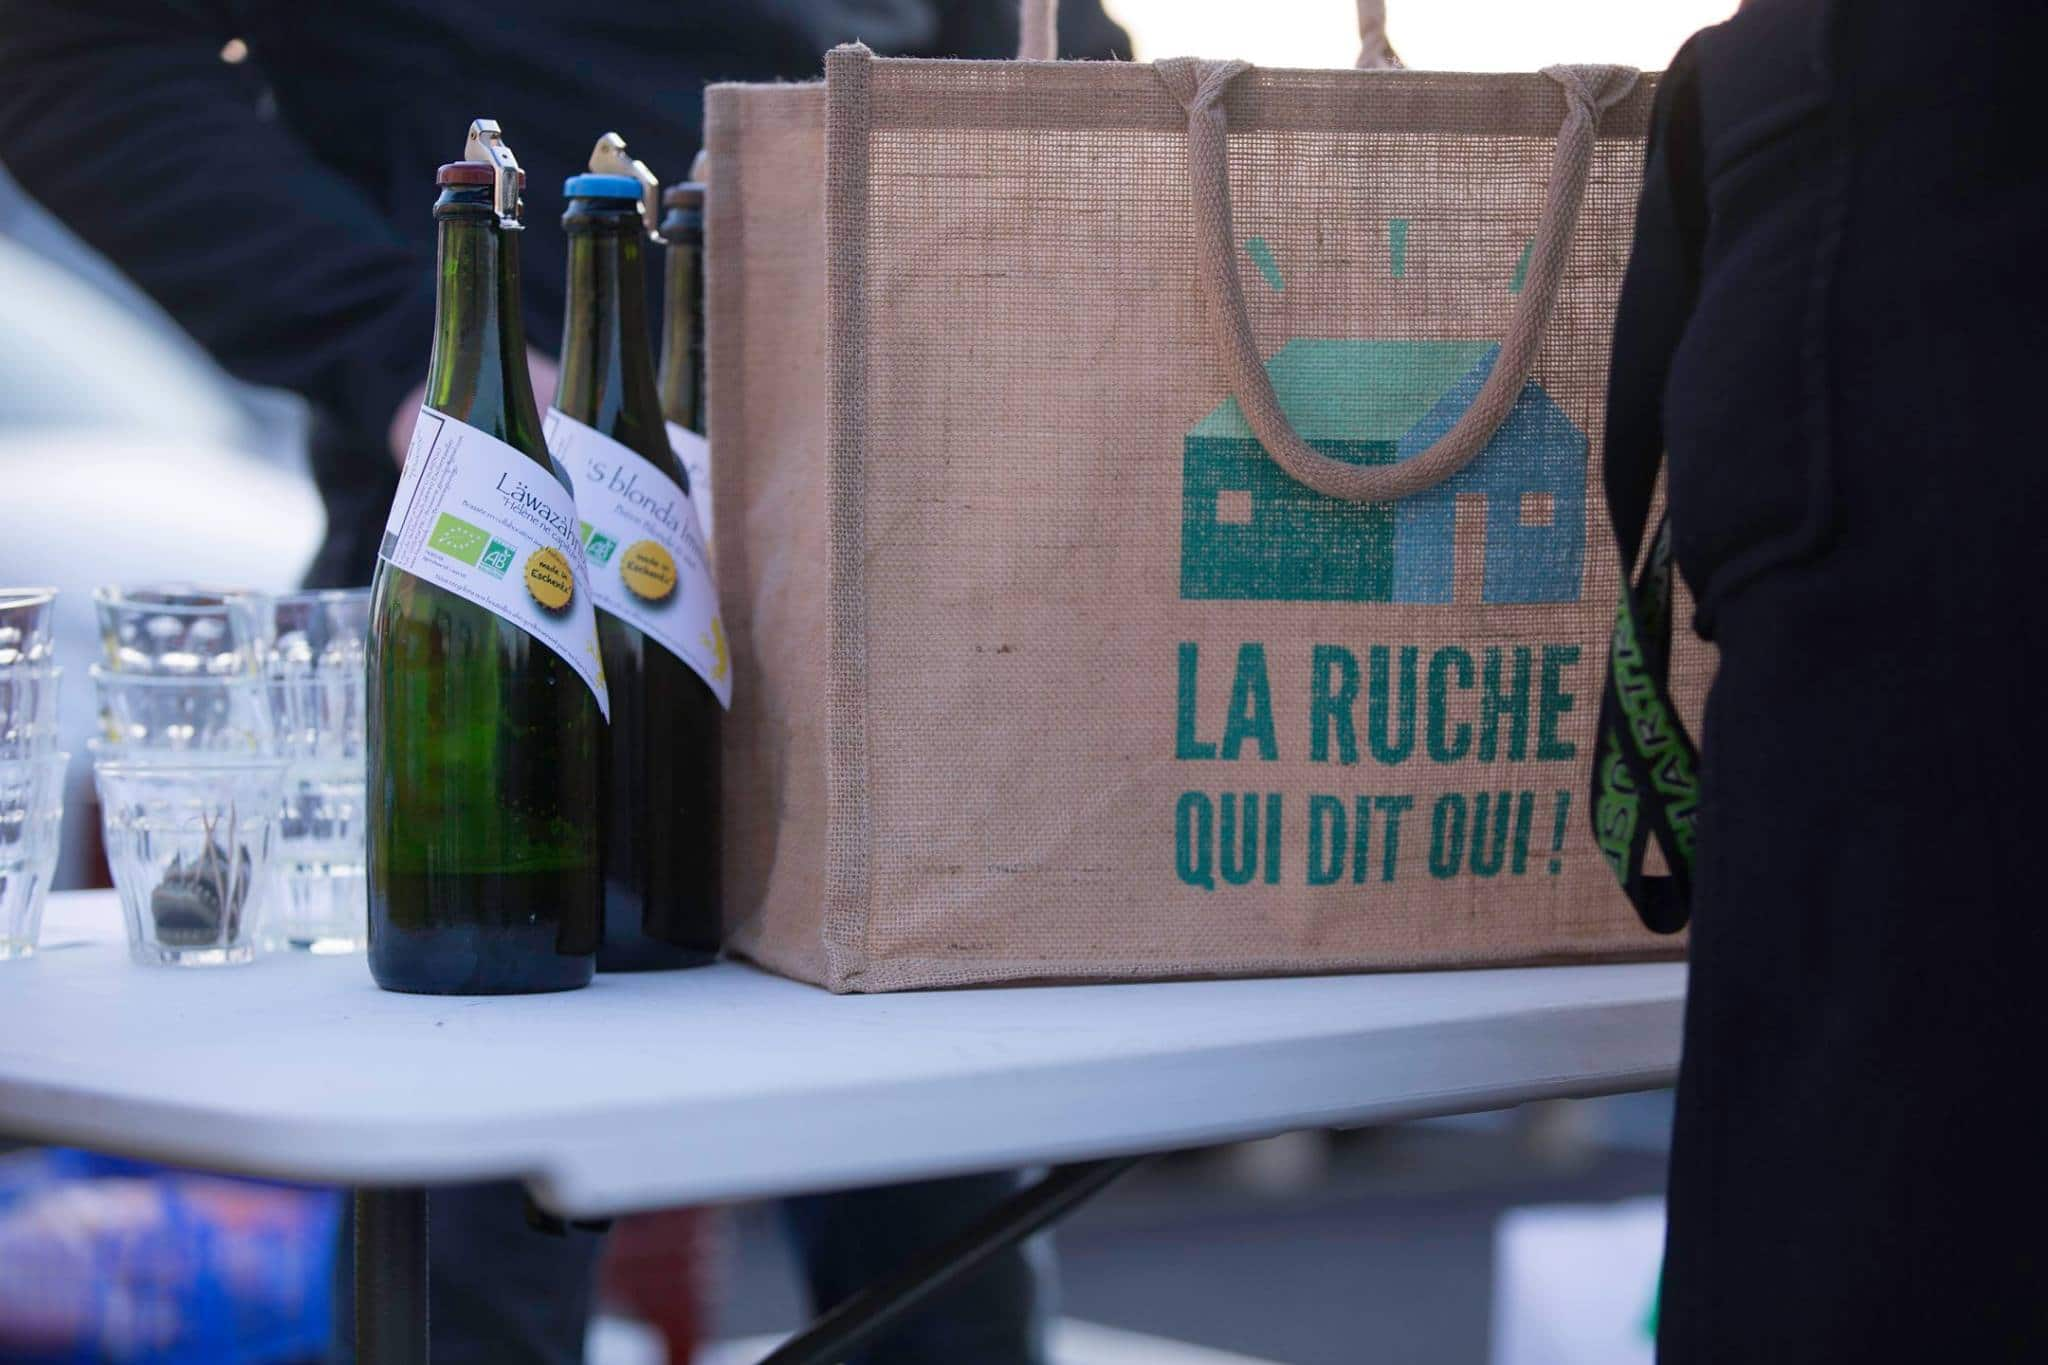 Course La Ruche qui dit oui consommer local- chicon choc blog de bonnes adresses lilloises